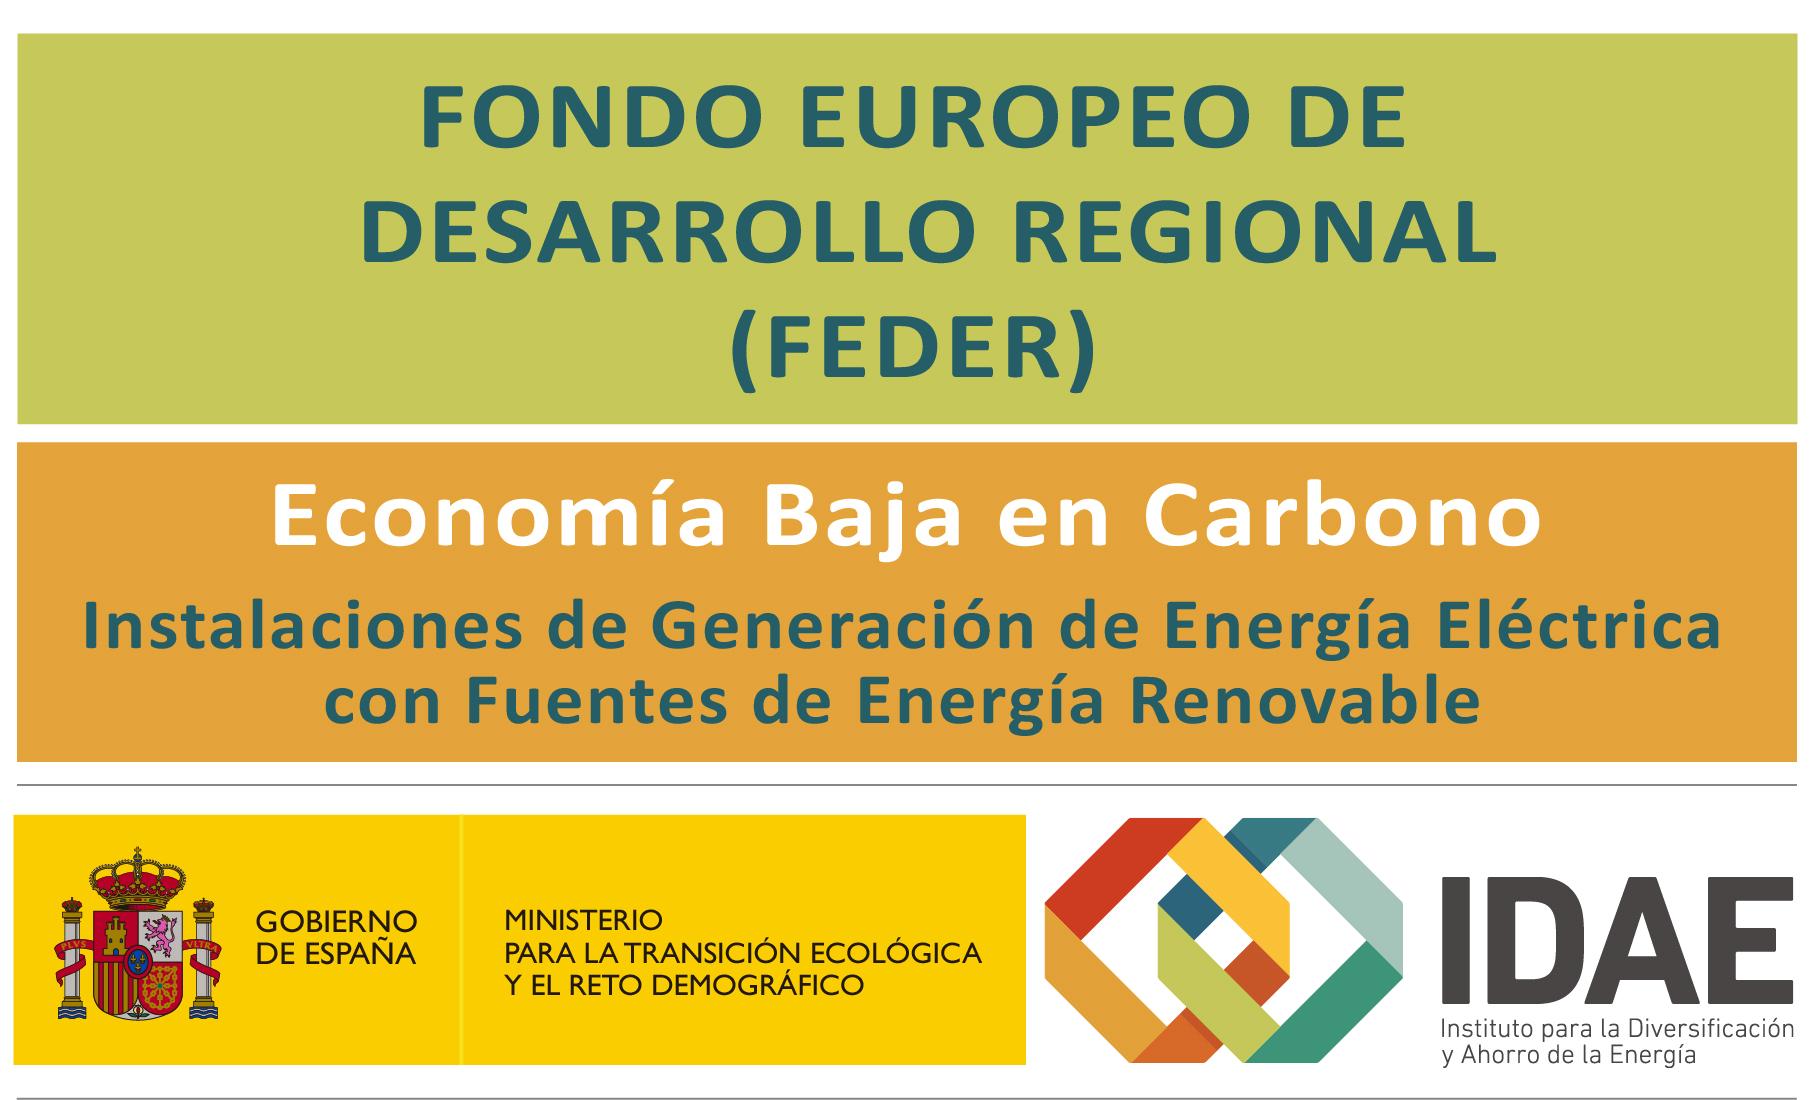 Primera convocatoria de ayudas a la inversión en instalaciones de generación de energía eléctrica con fuentes de energía renovable en la Comunidad Autónoma del Principado de Asturias cofinanciadas con Fondos de la Unión Europea.